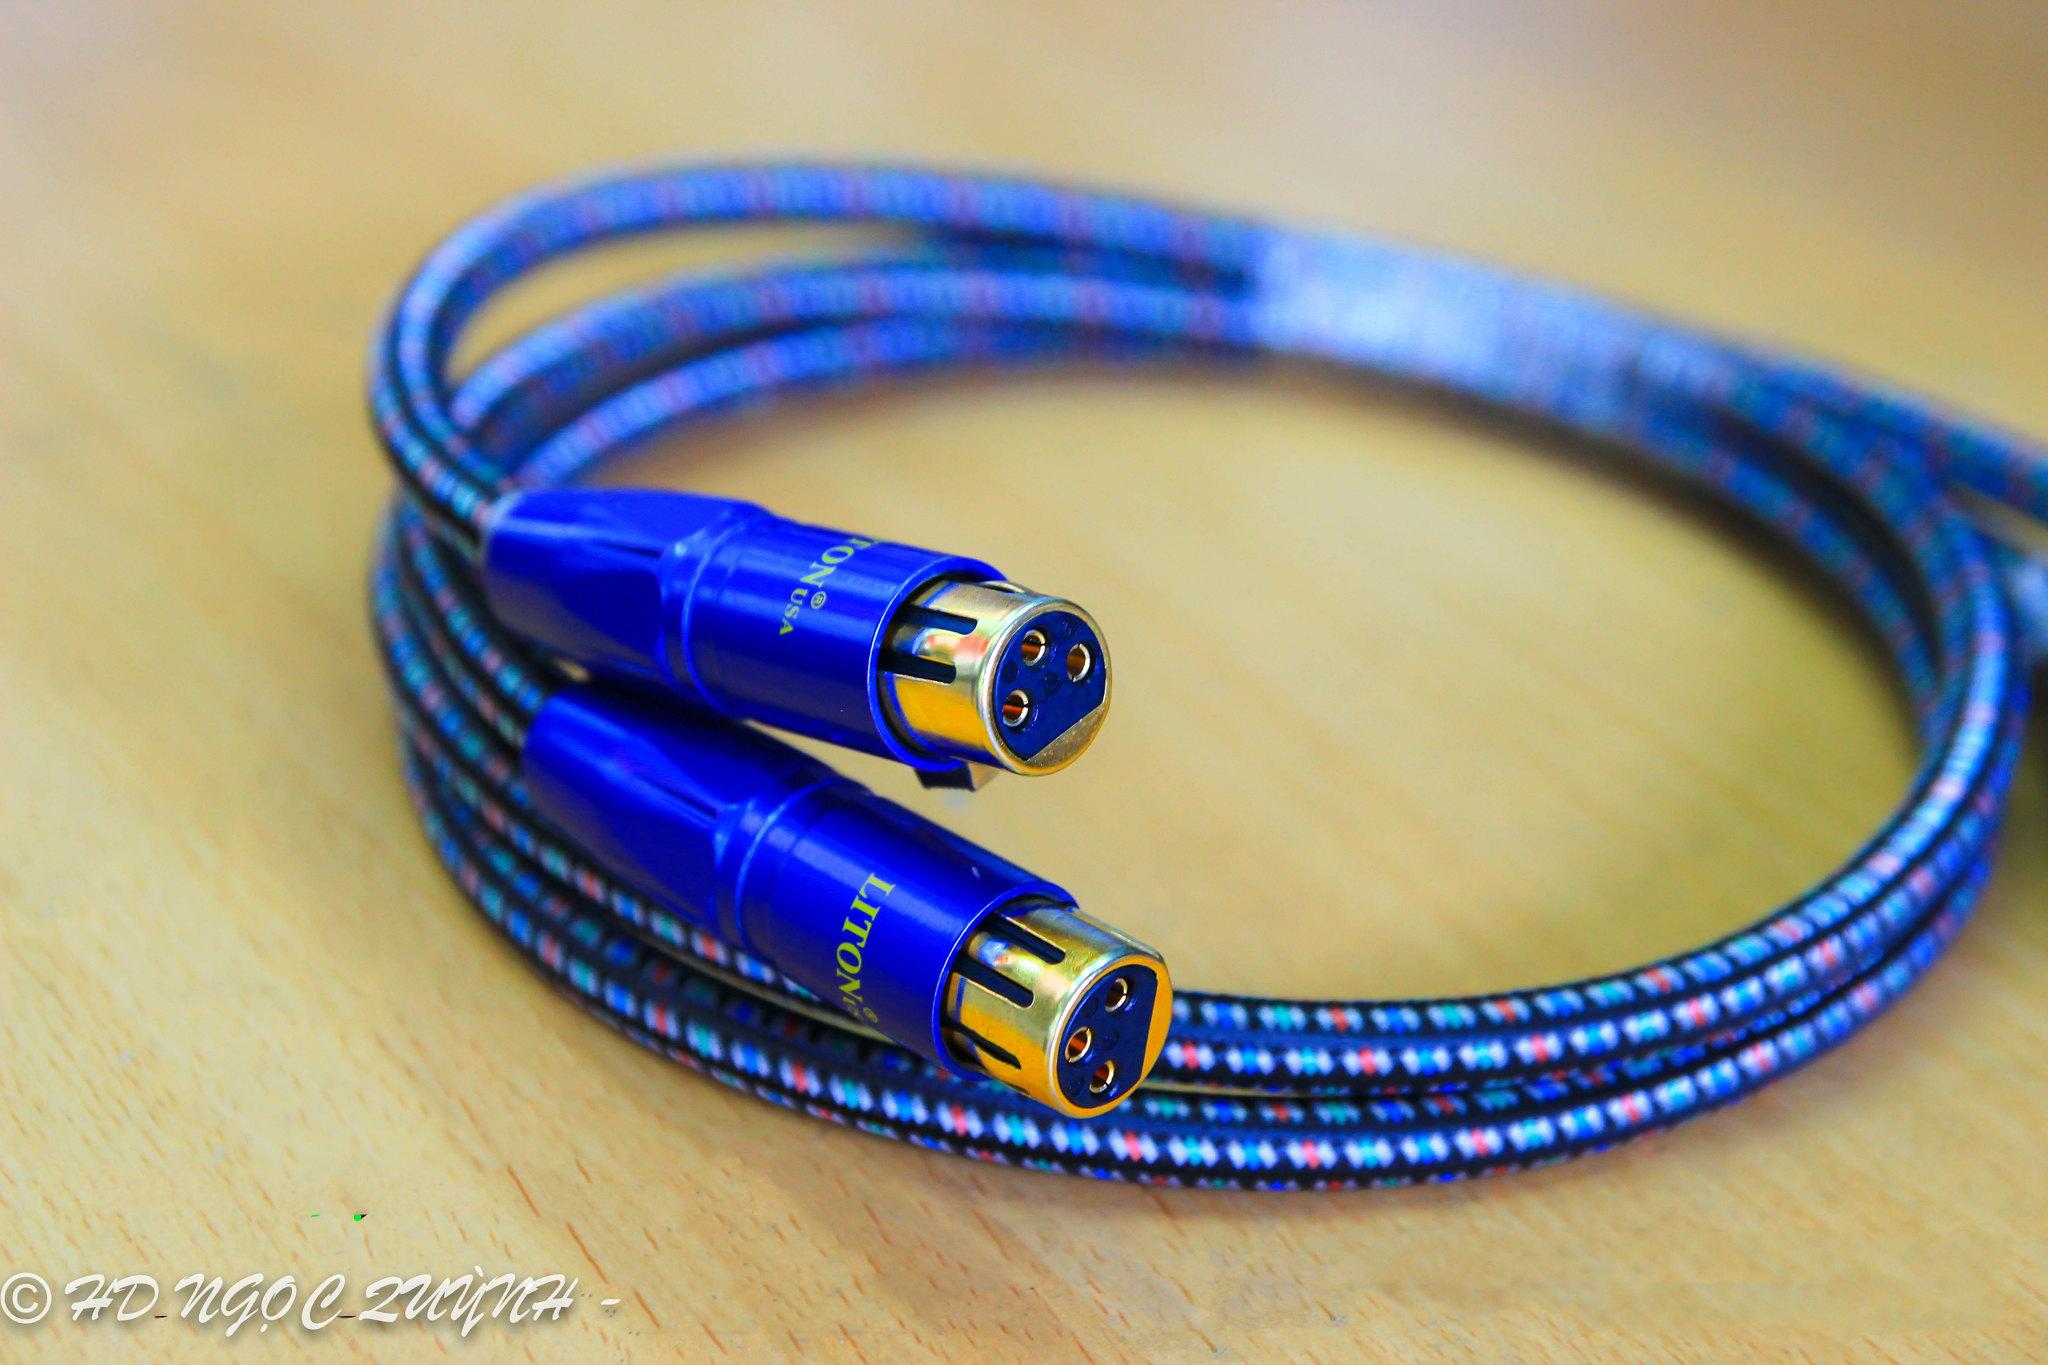 chuyên bán dây jack tín hiệu, HDMI , Audio, phim HD 3D, HD Player, bộ chia HDMI - 8